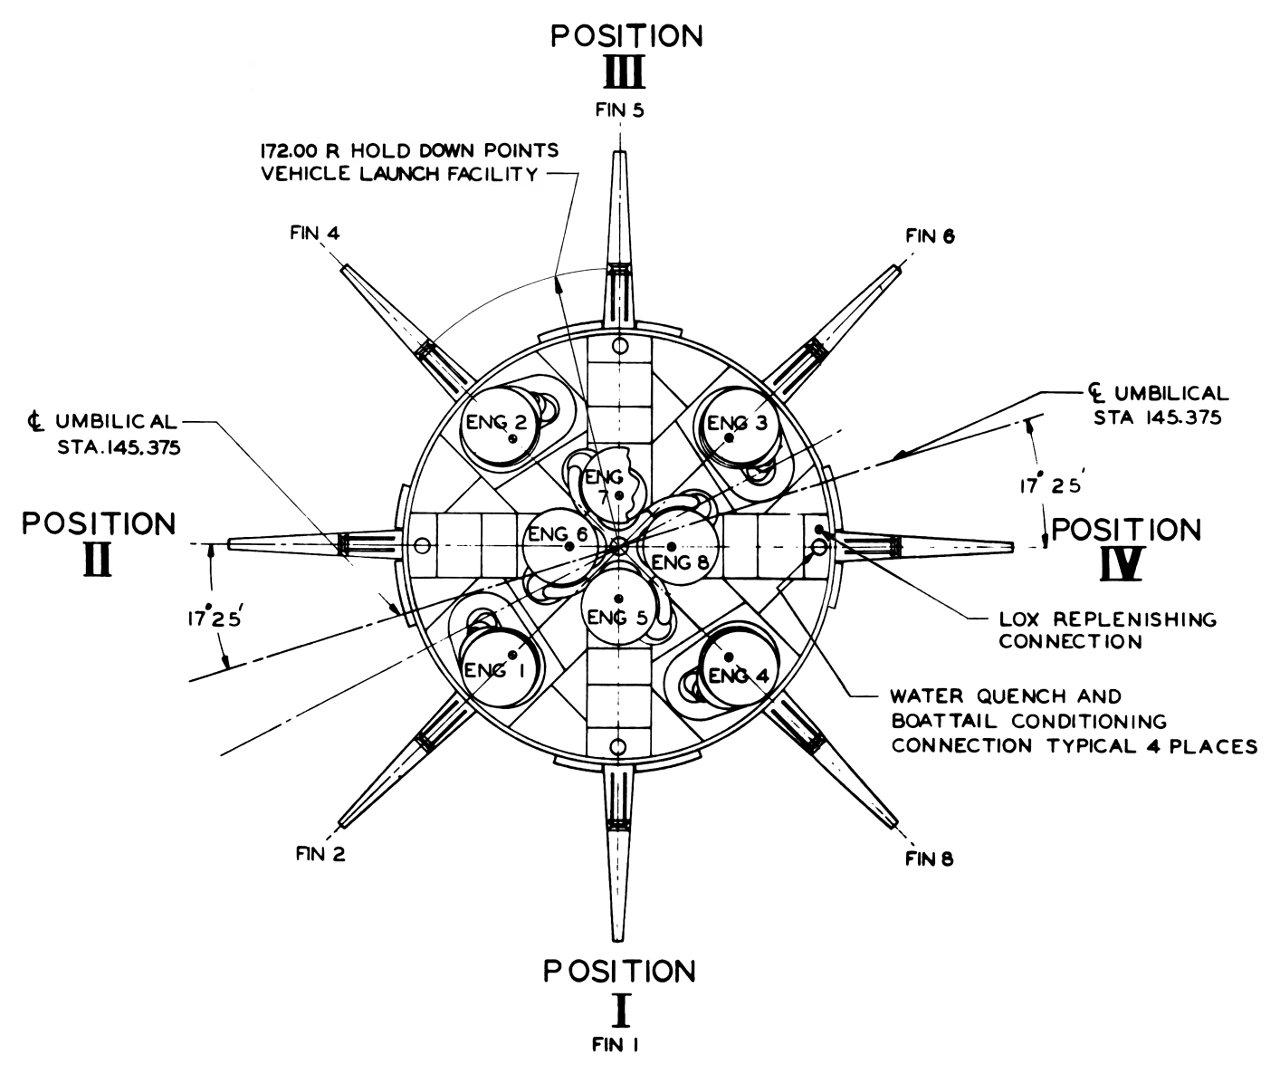 Saturn Ib First S Ib Stage Fin